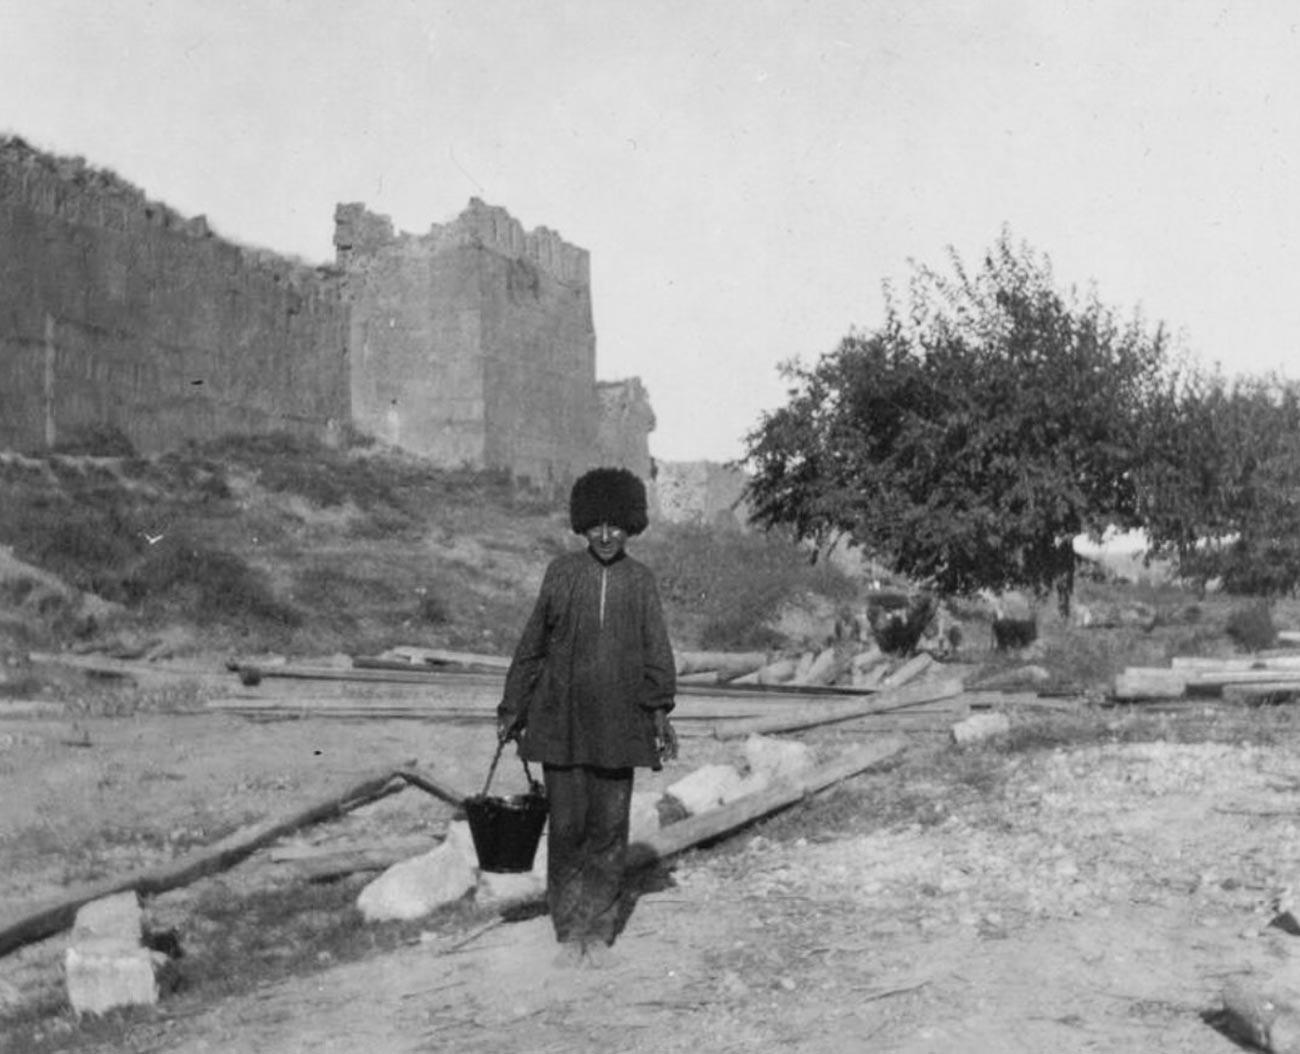 Les fortifications que l'on rencontre en visitant Derbent ont été érigées pour se défendre contre les attaques constantes des nomades – les Huns et les Khazars – au cours des V-VI siècles.